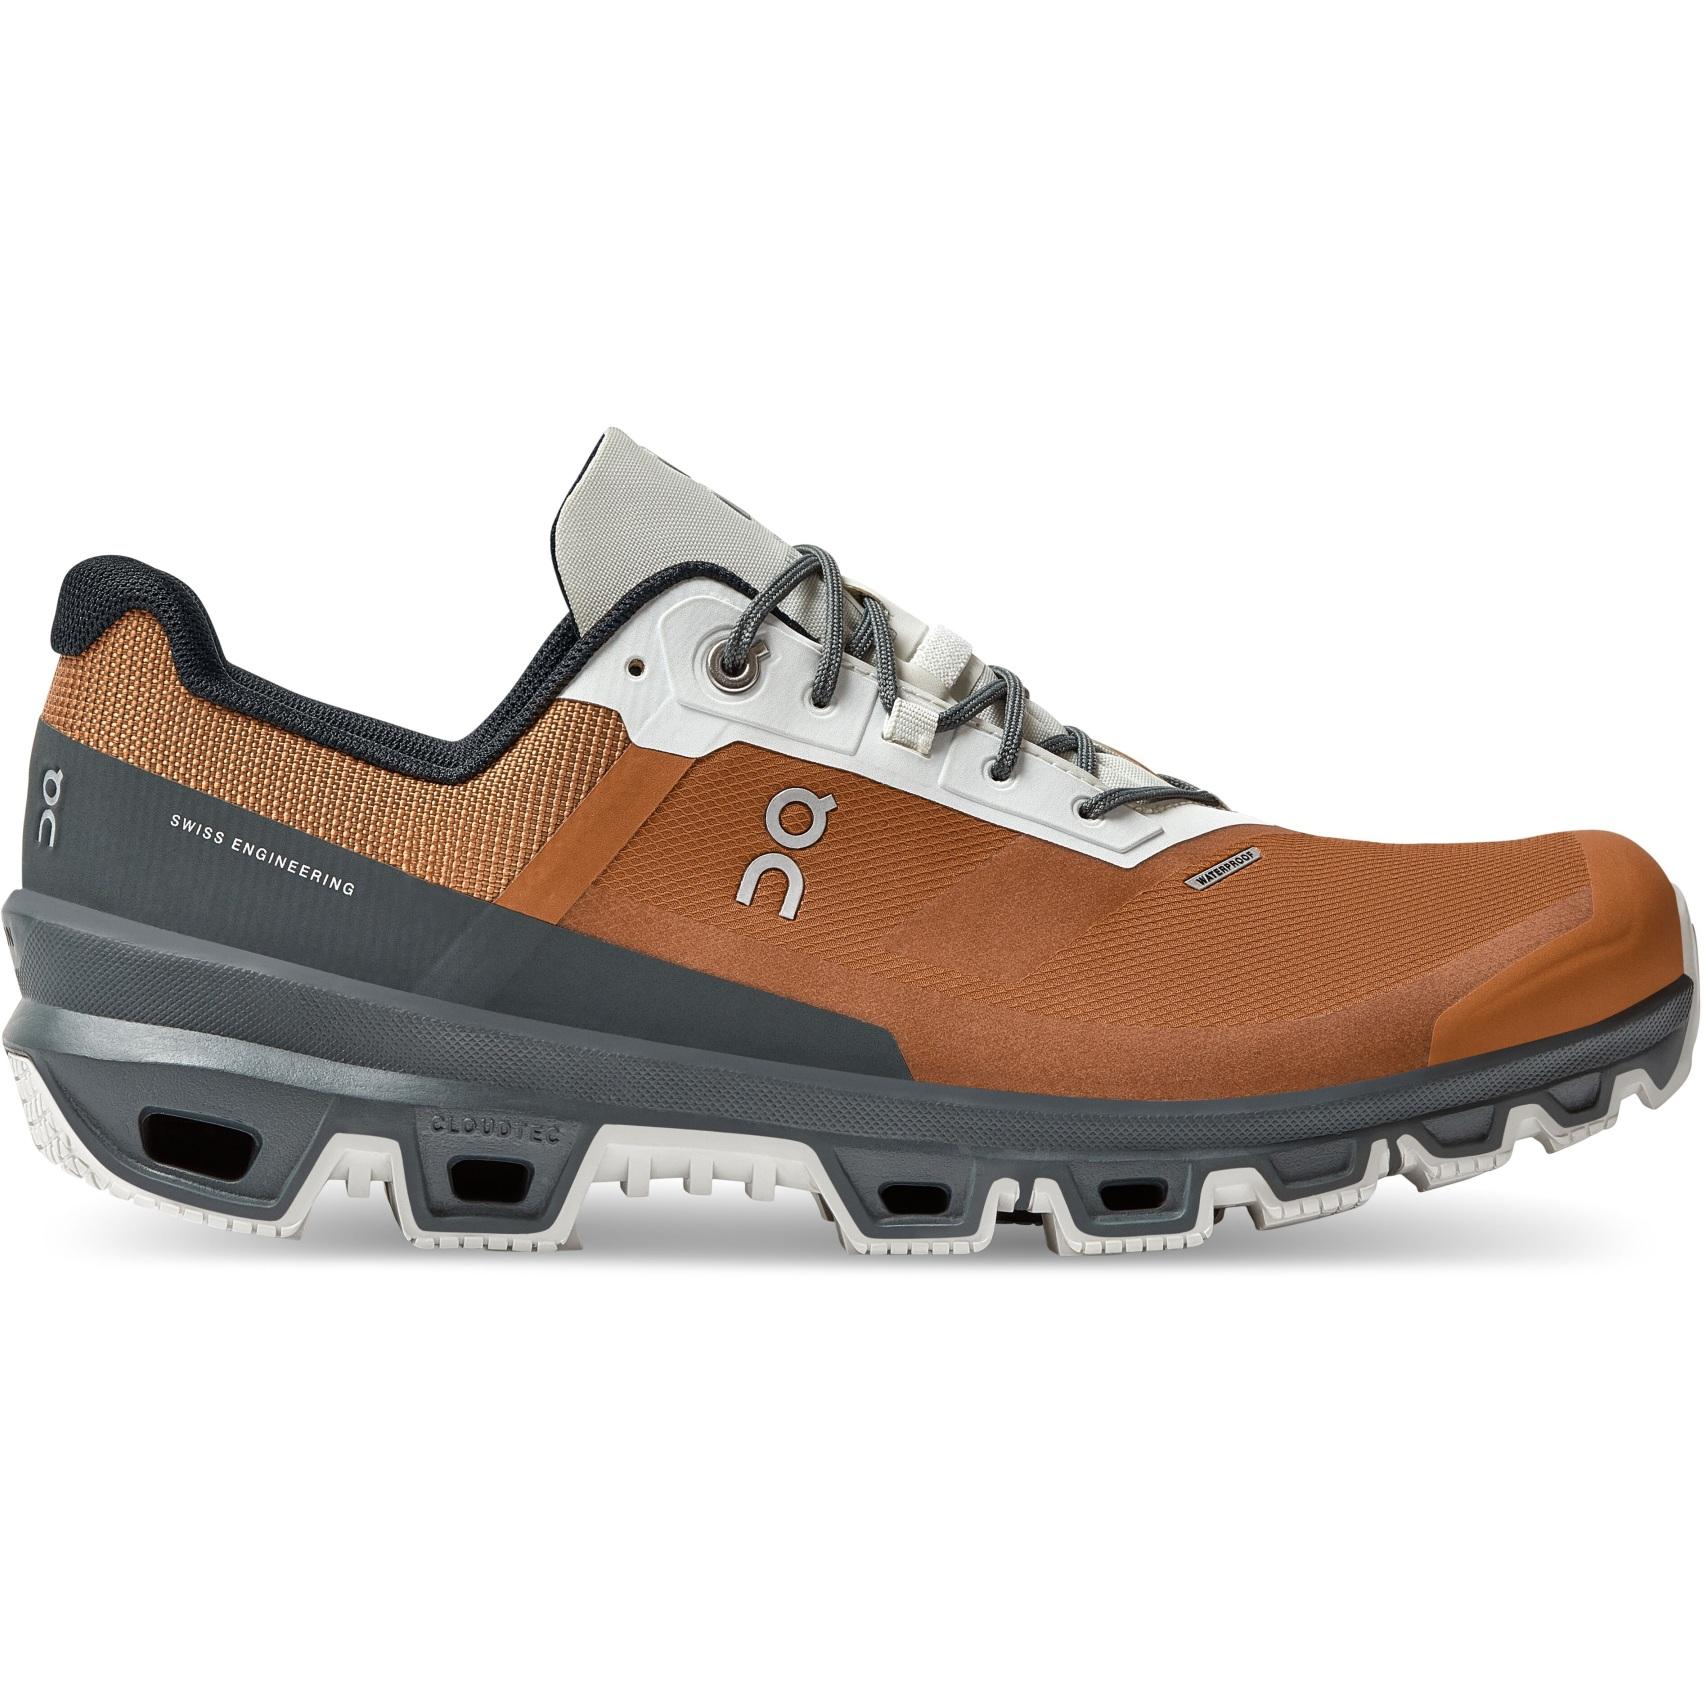 Produktbild von On Cloudventure Waterproof Trailrunning Schuh - Pecan & Lead